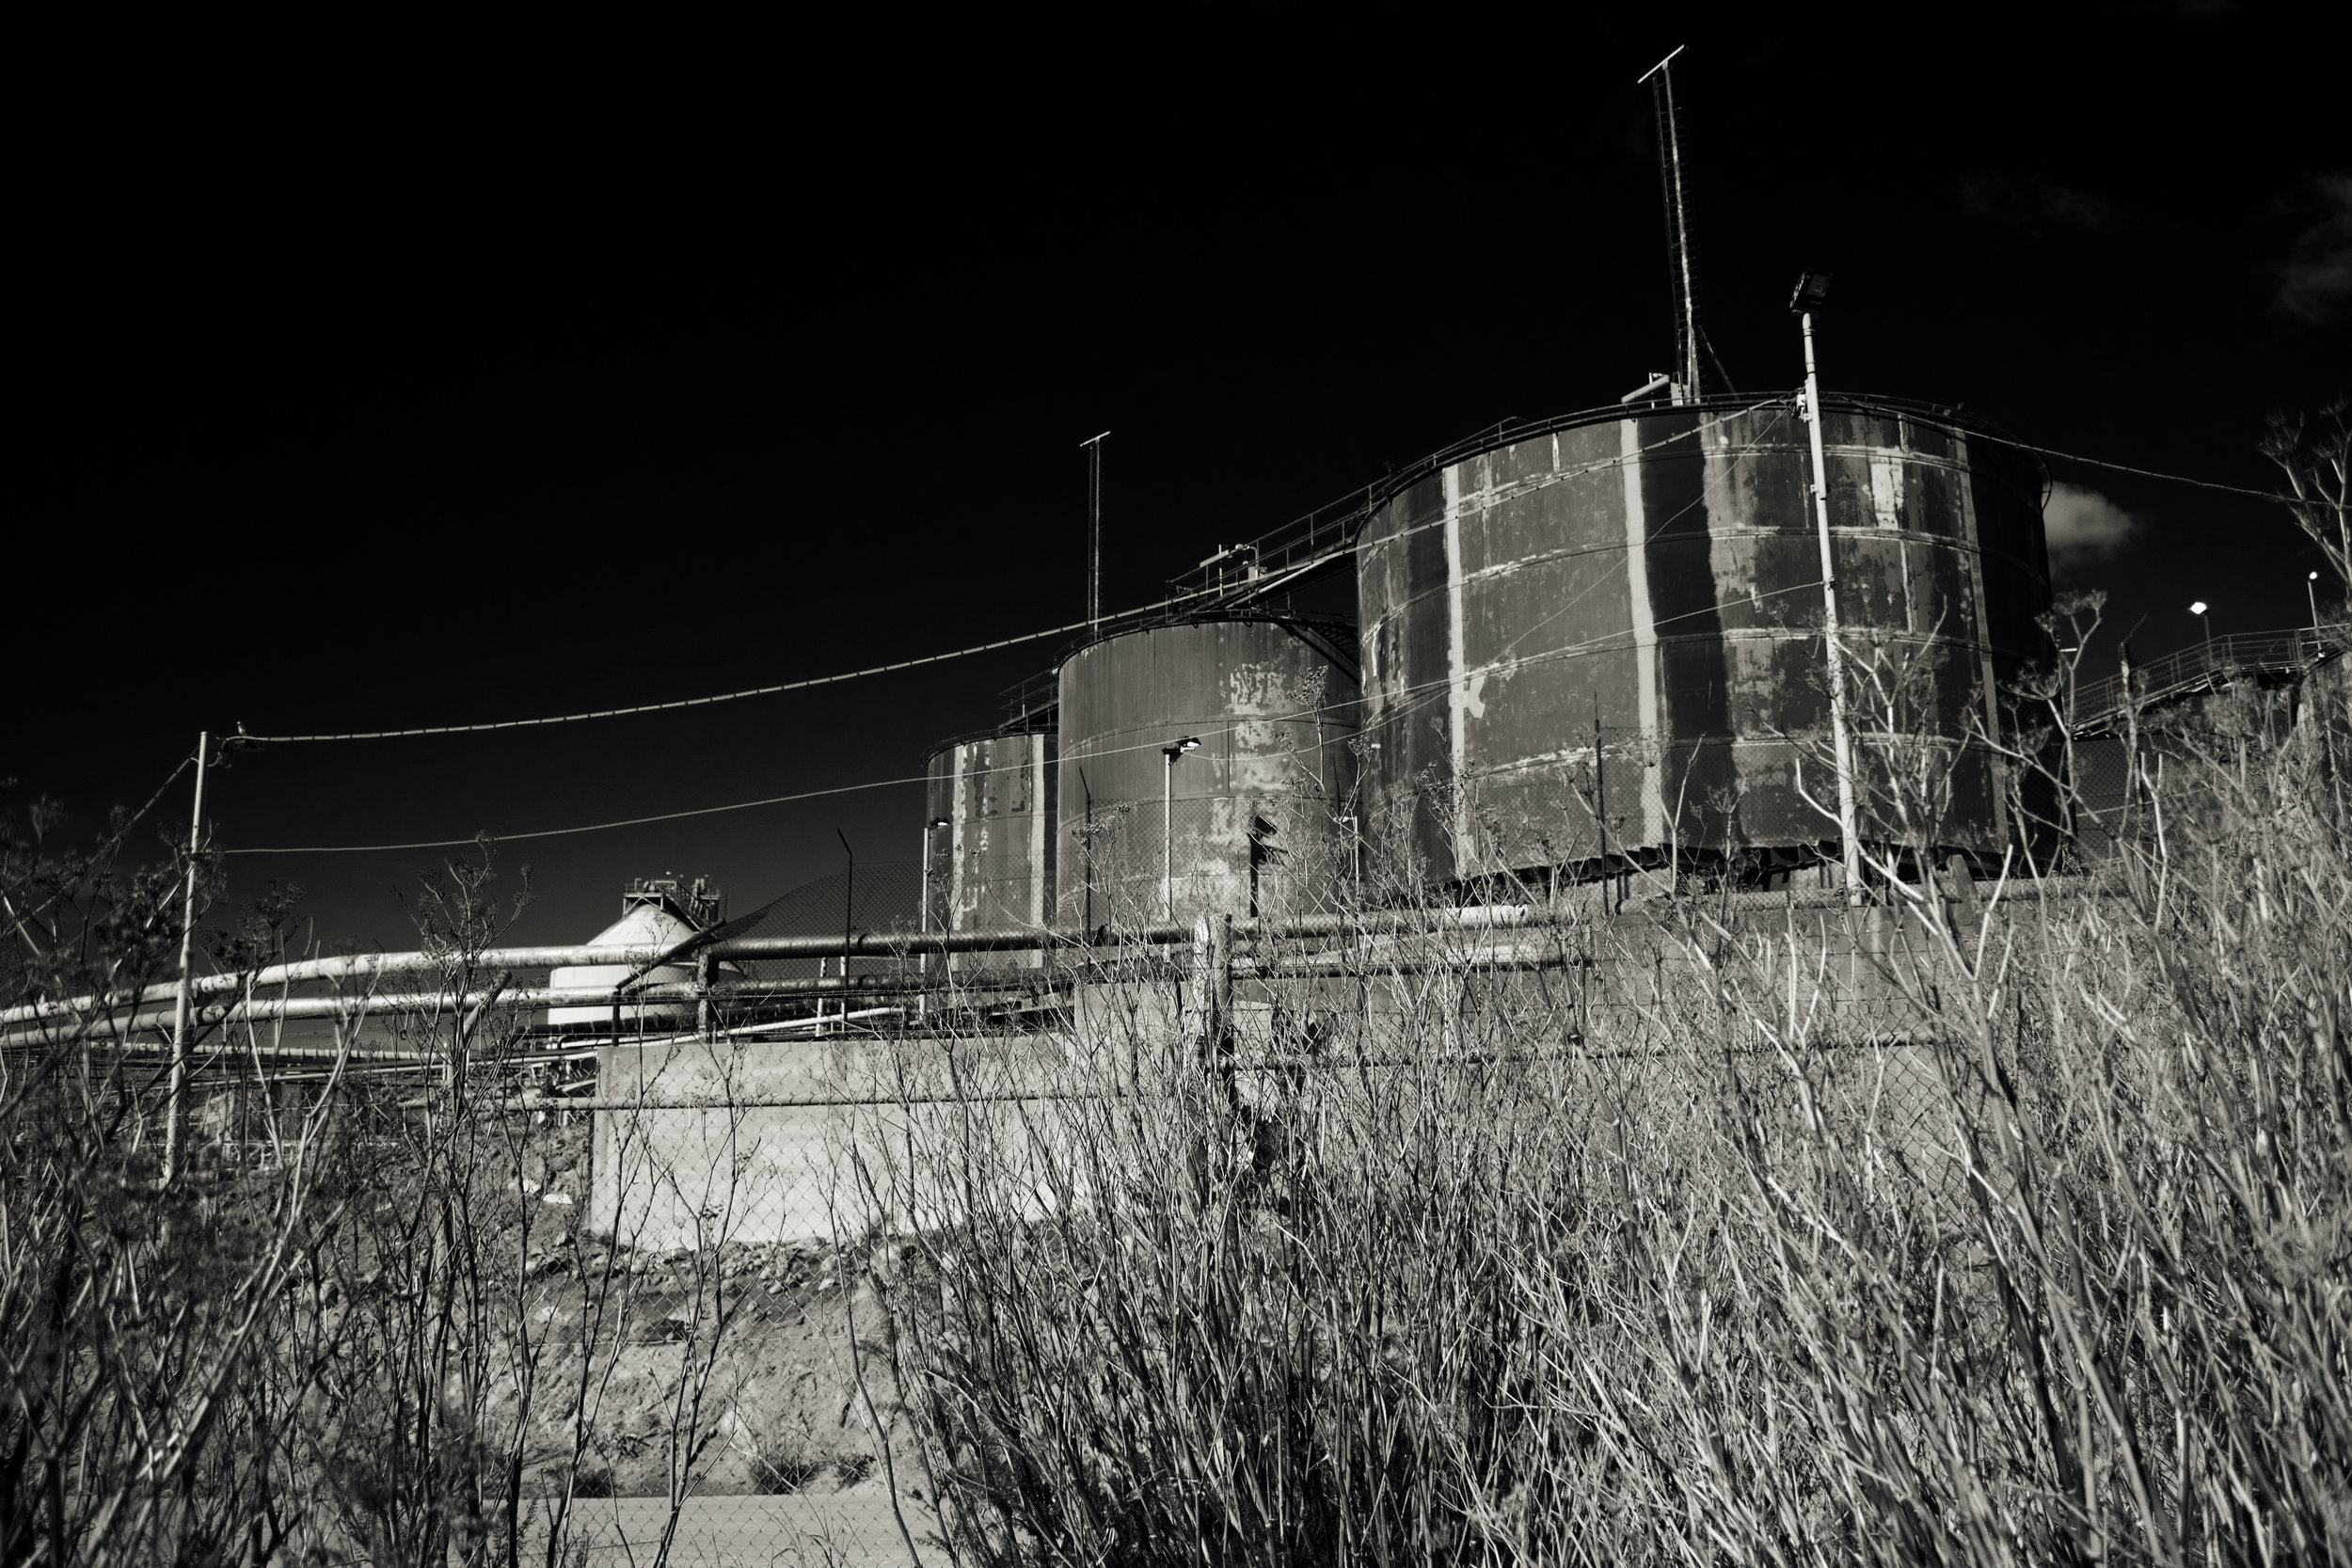 2012-08-24 - Hobart - Zinc works - D3100  - DSC_0033 (3).jpg